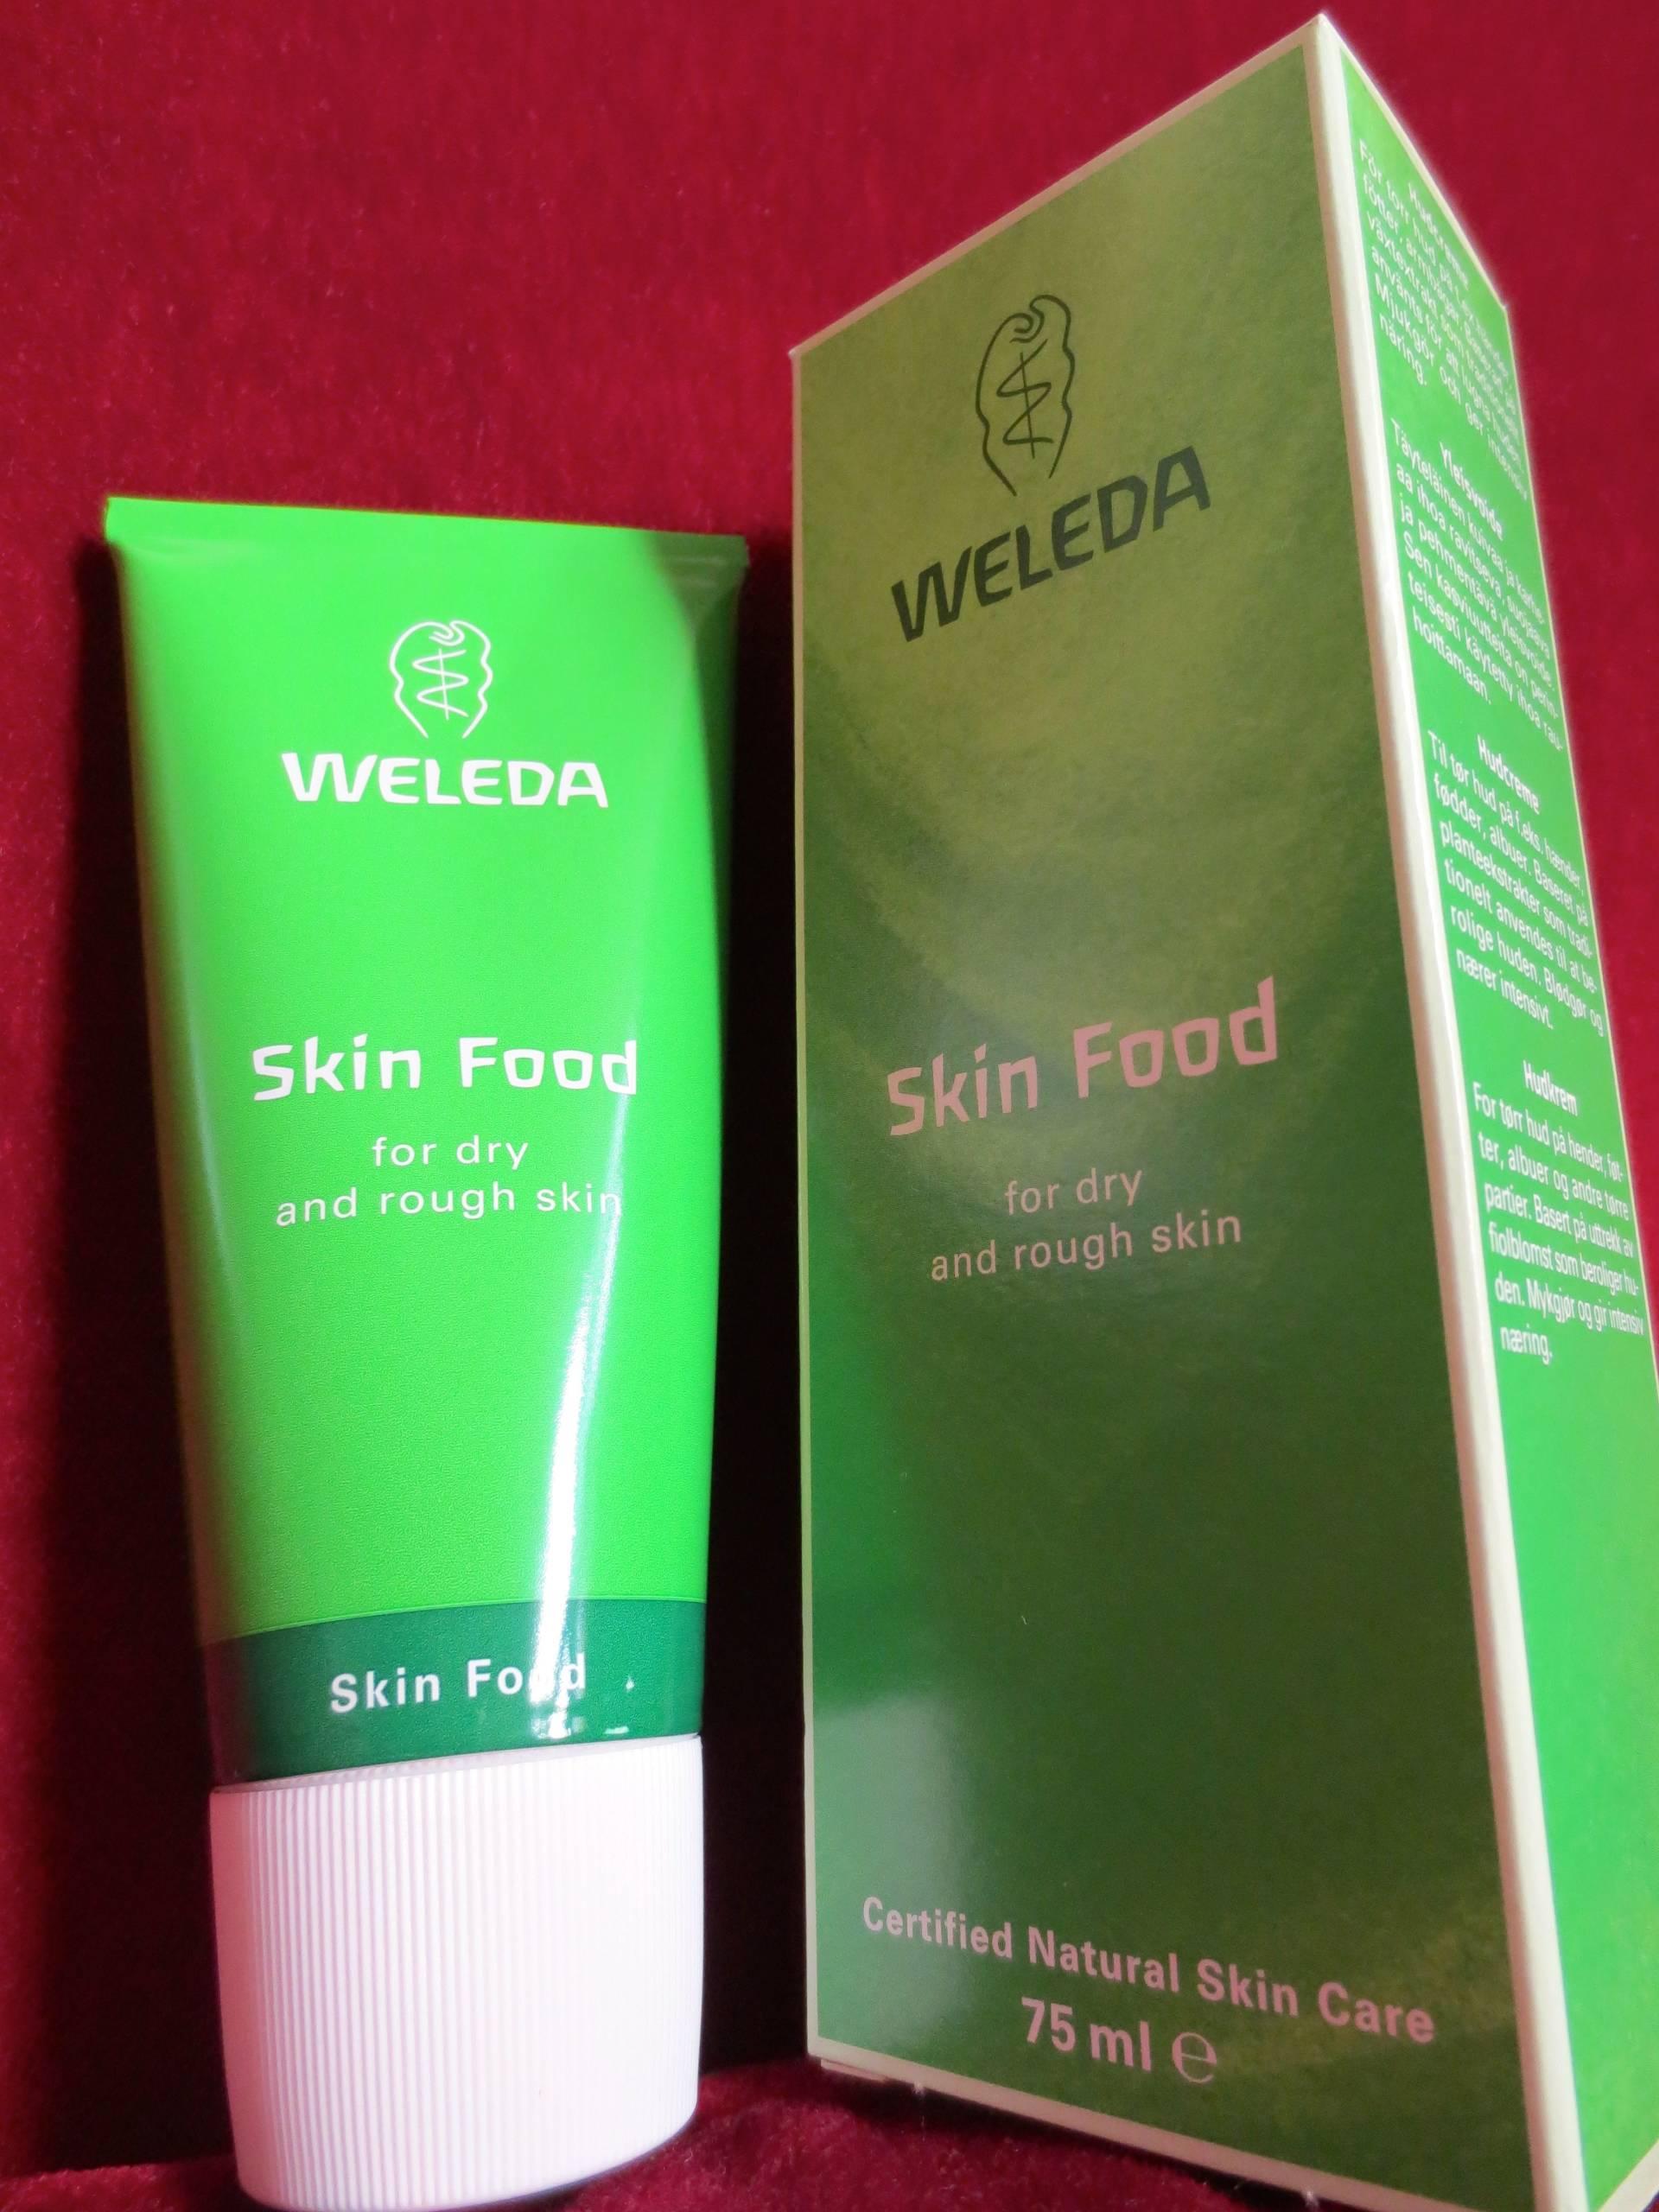 Where can i buy weleda skin food